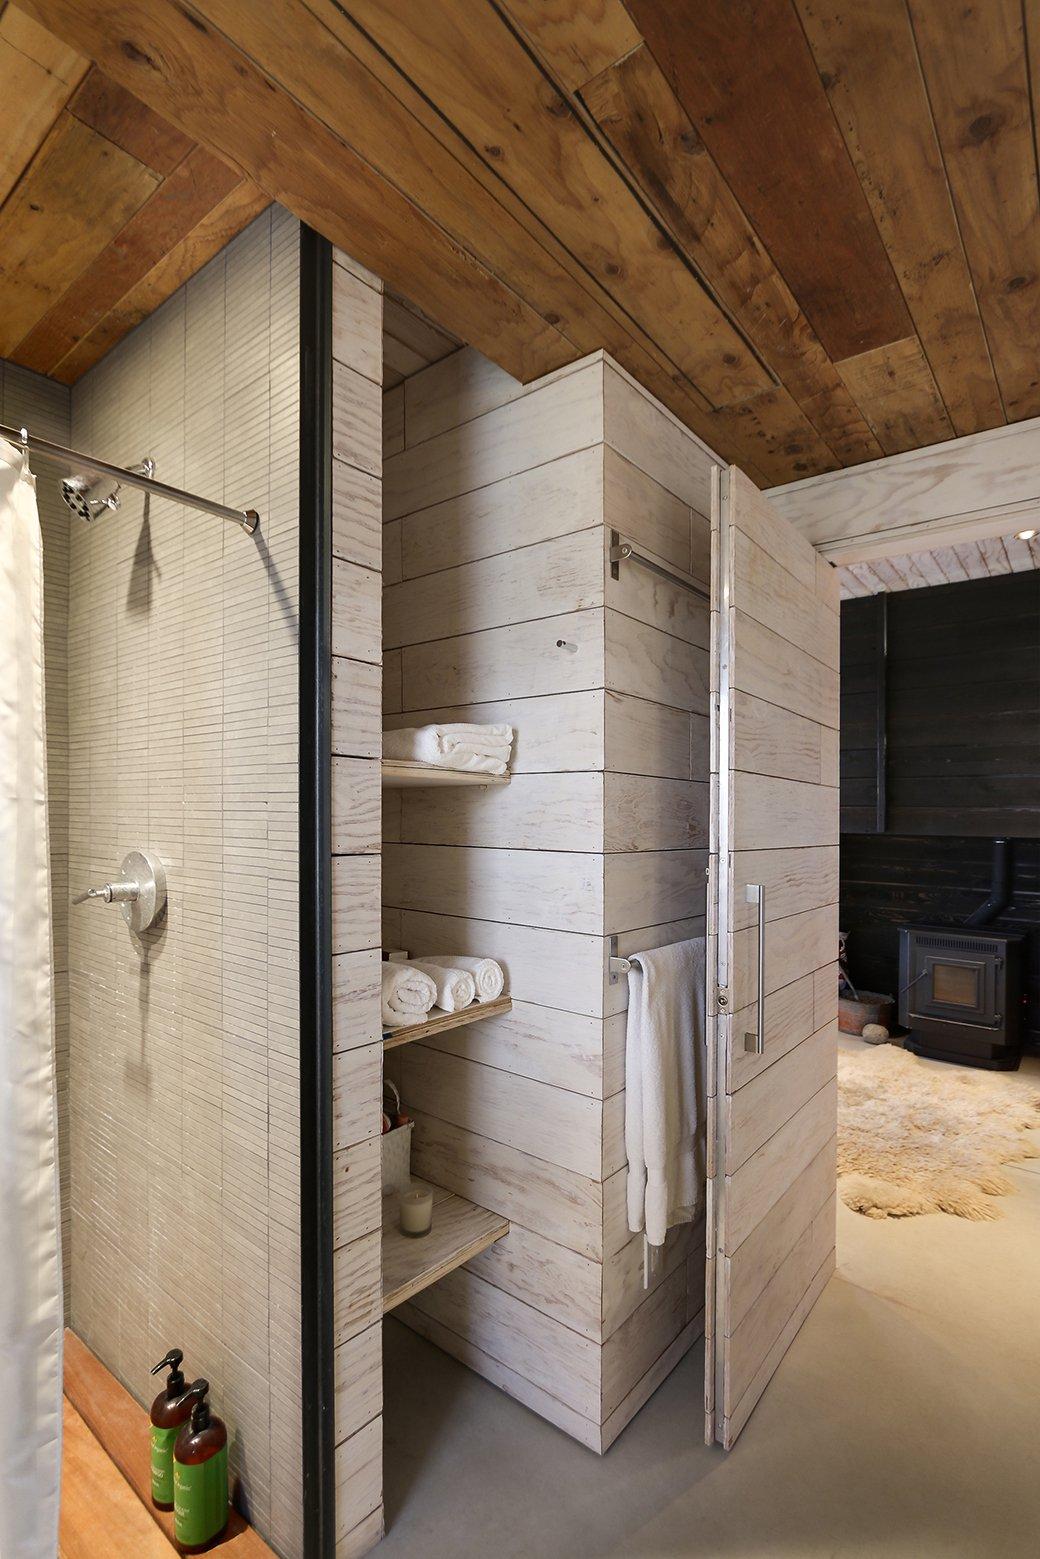 510 Cabin / Hunter Leggitt Studio (9)